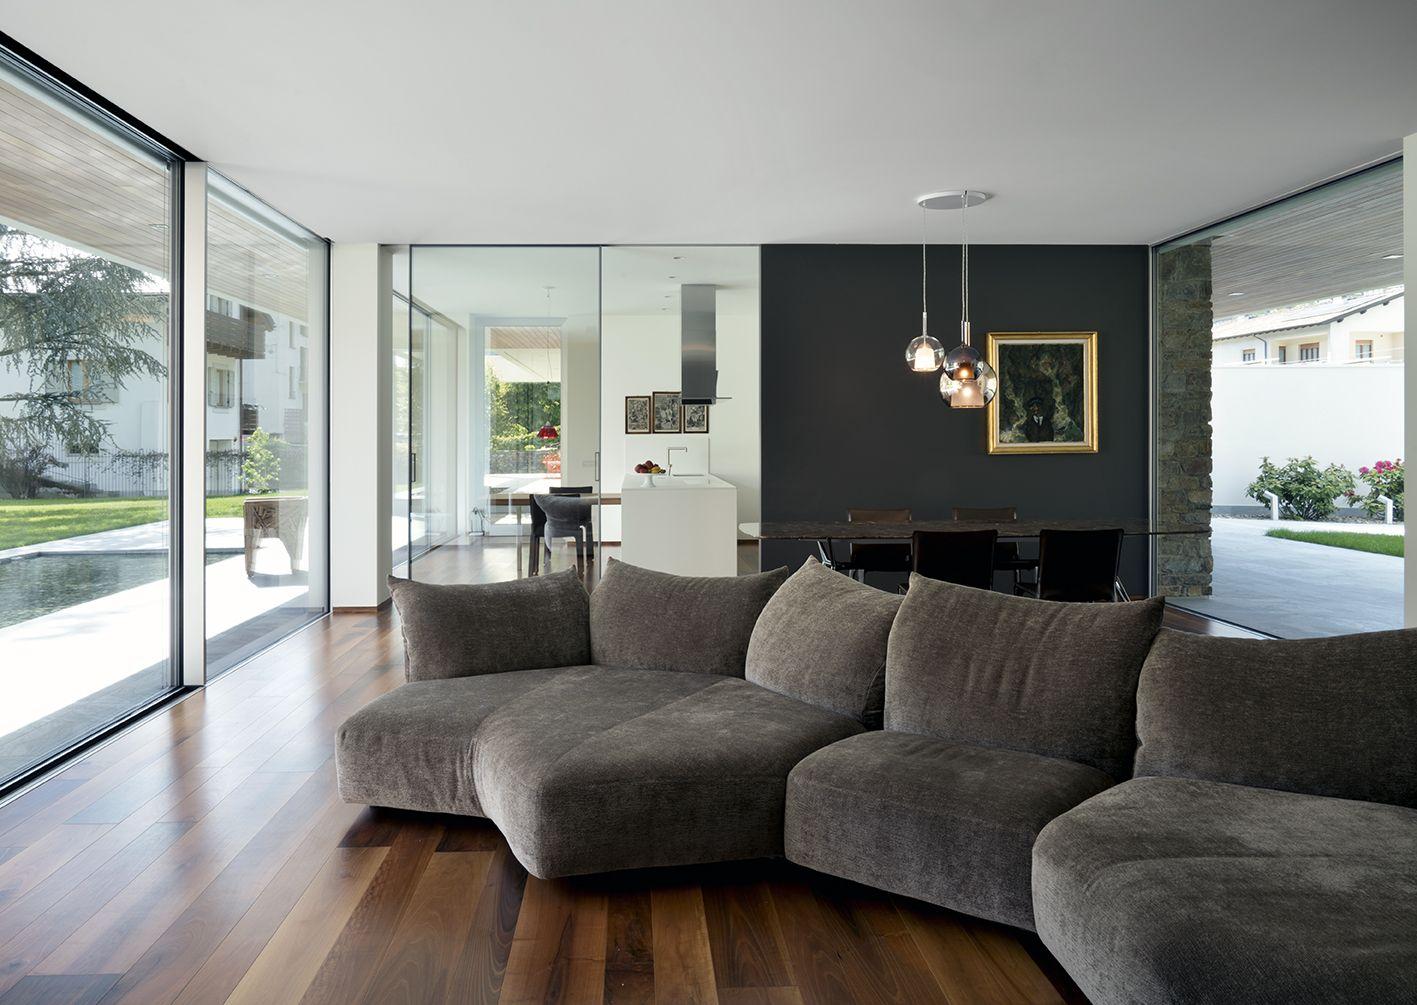 Villa Geef - image 4